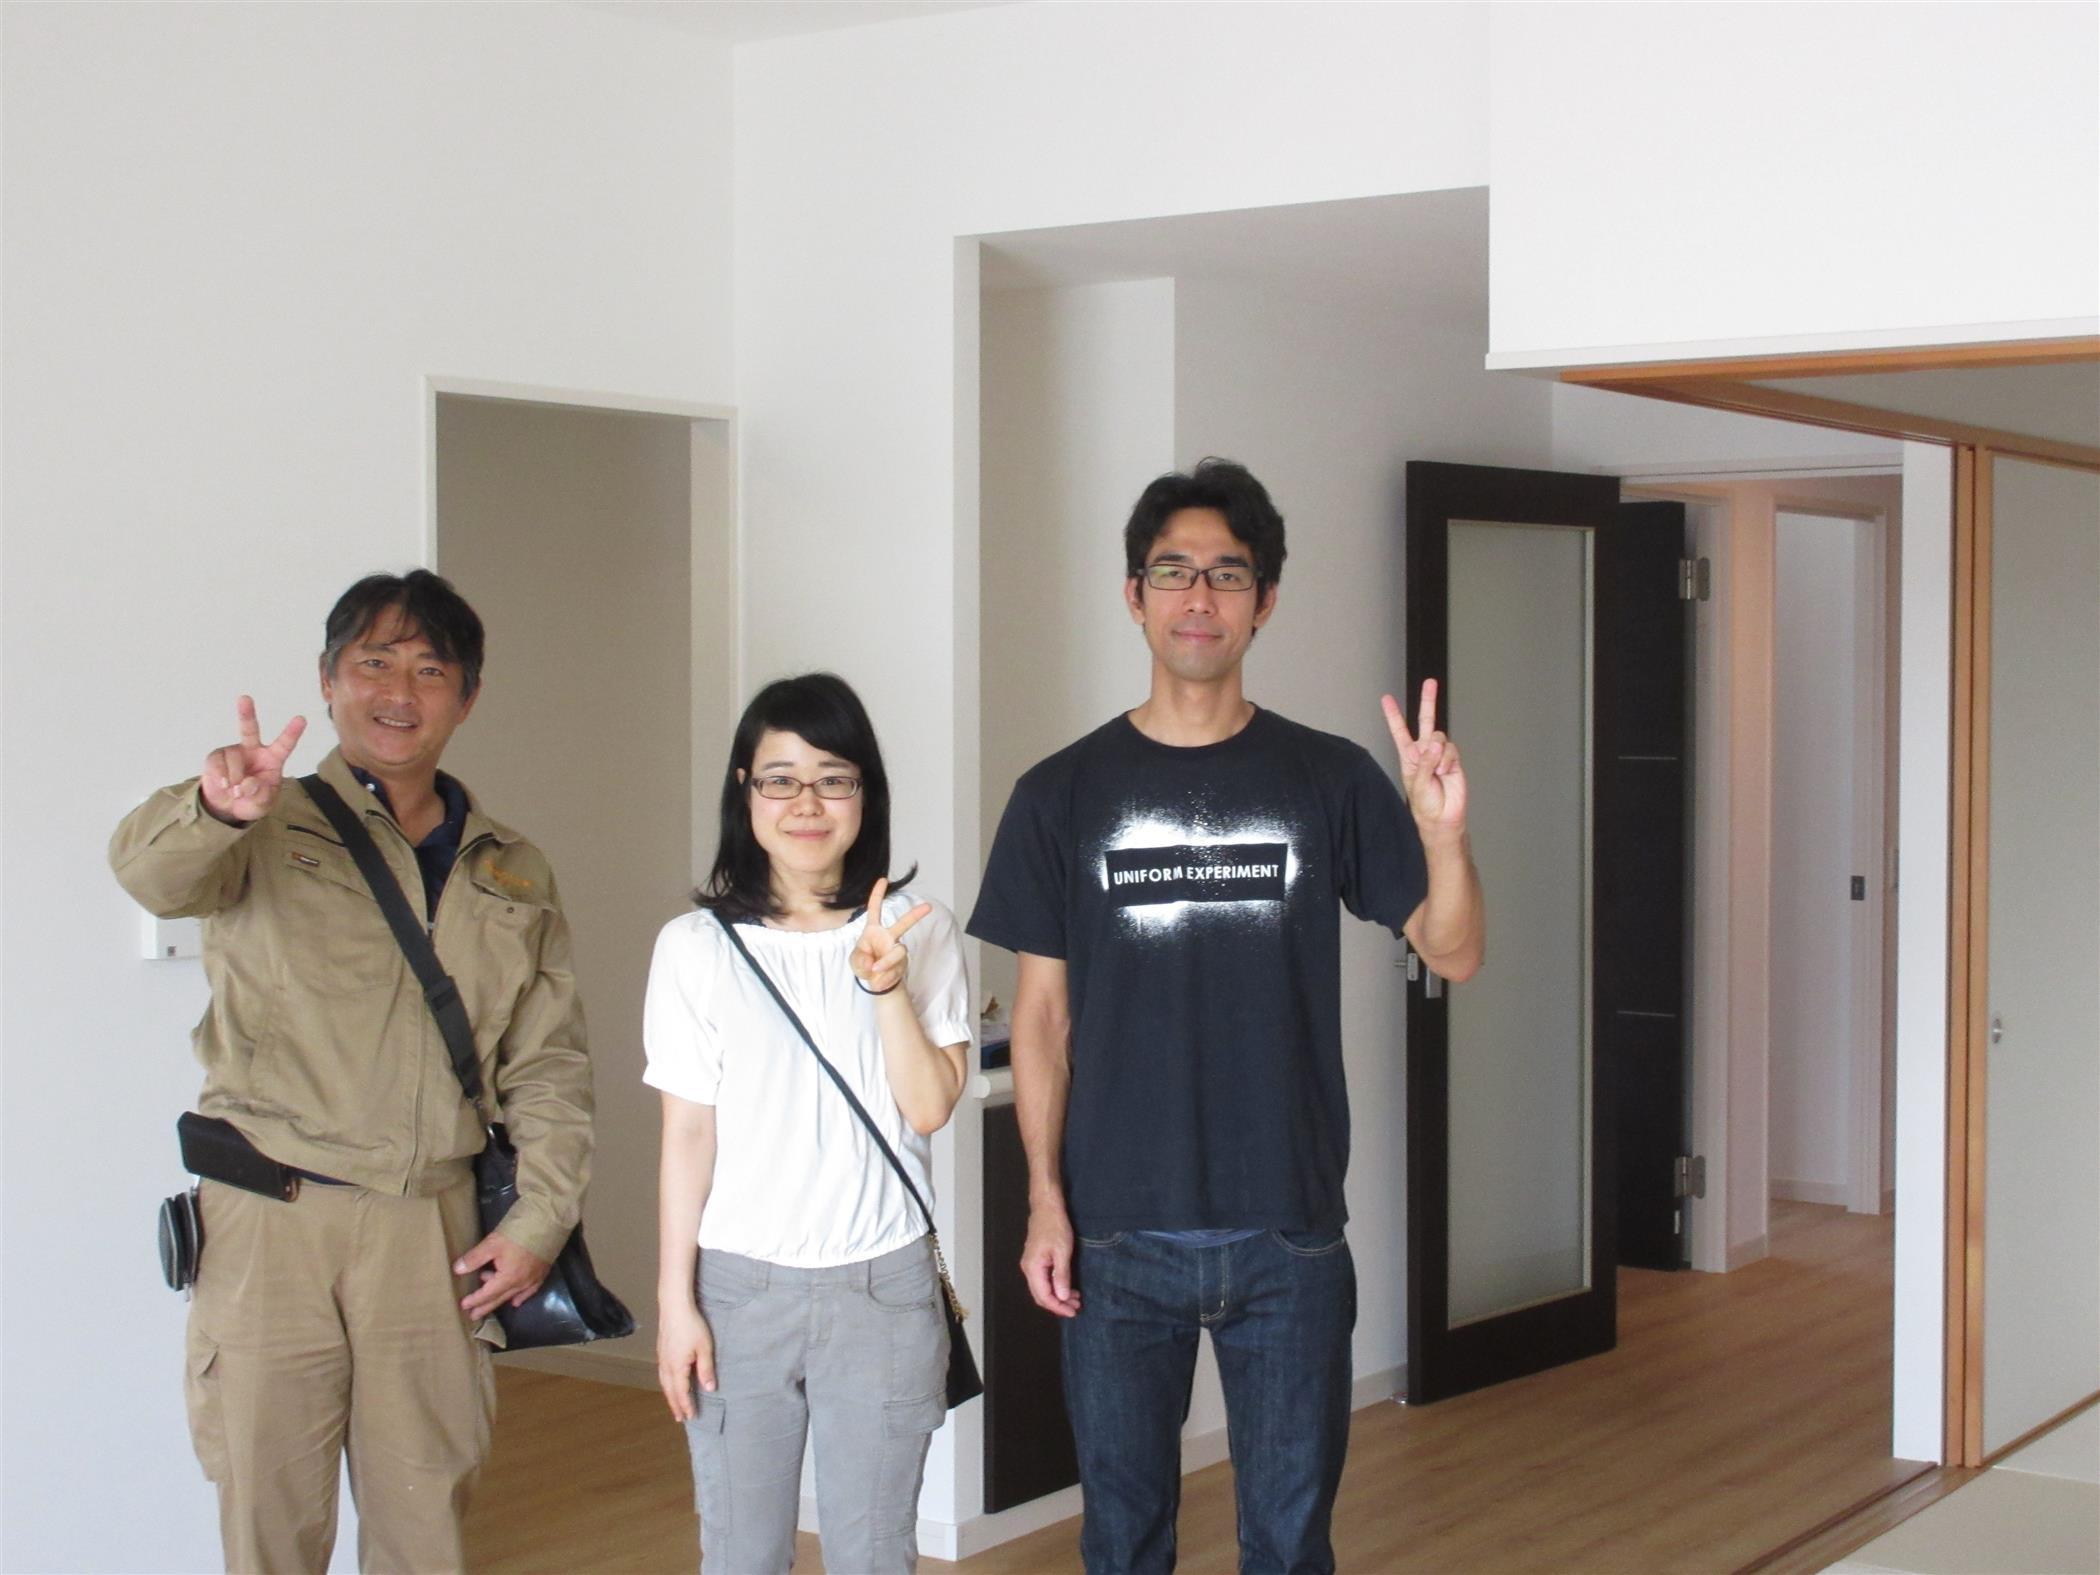 沖縄・那覇のリフォーム 実際のお客様の写真:床上張り工事